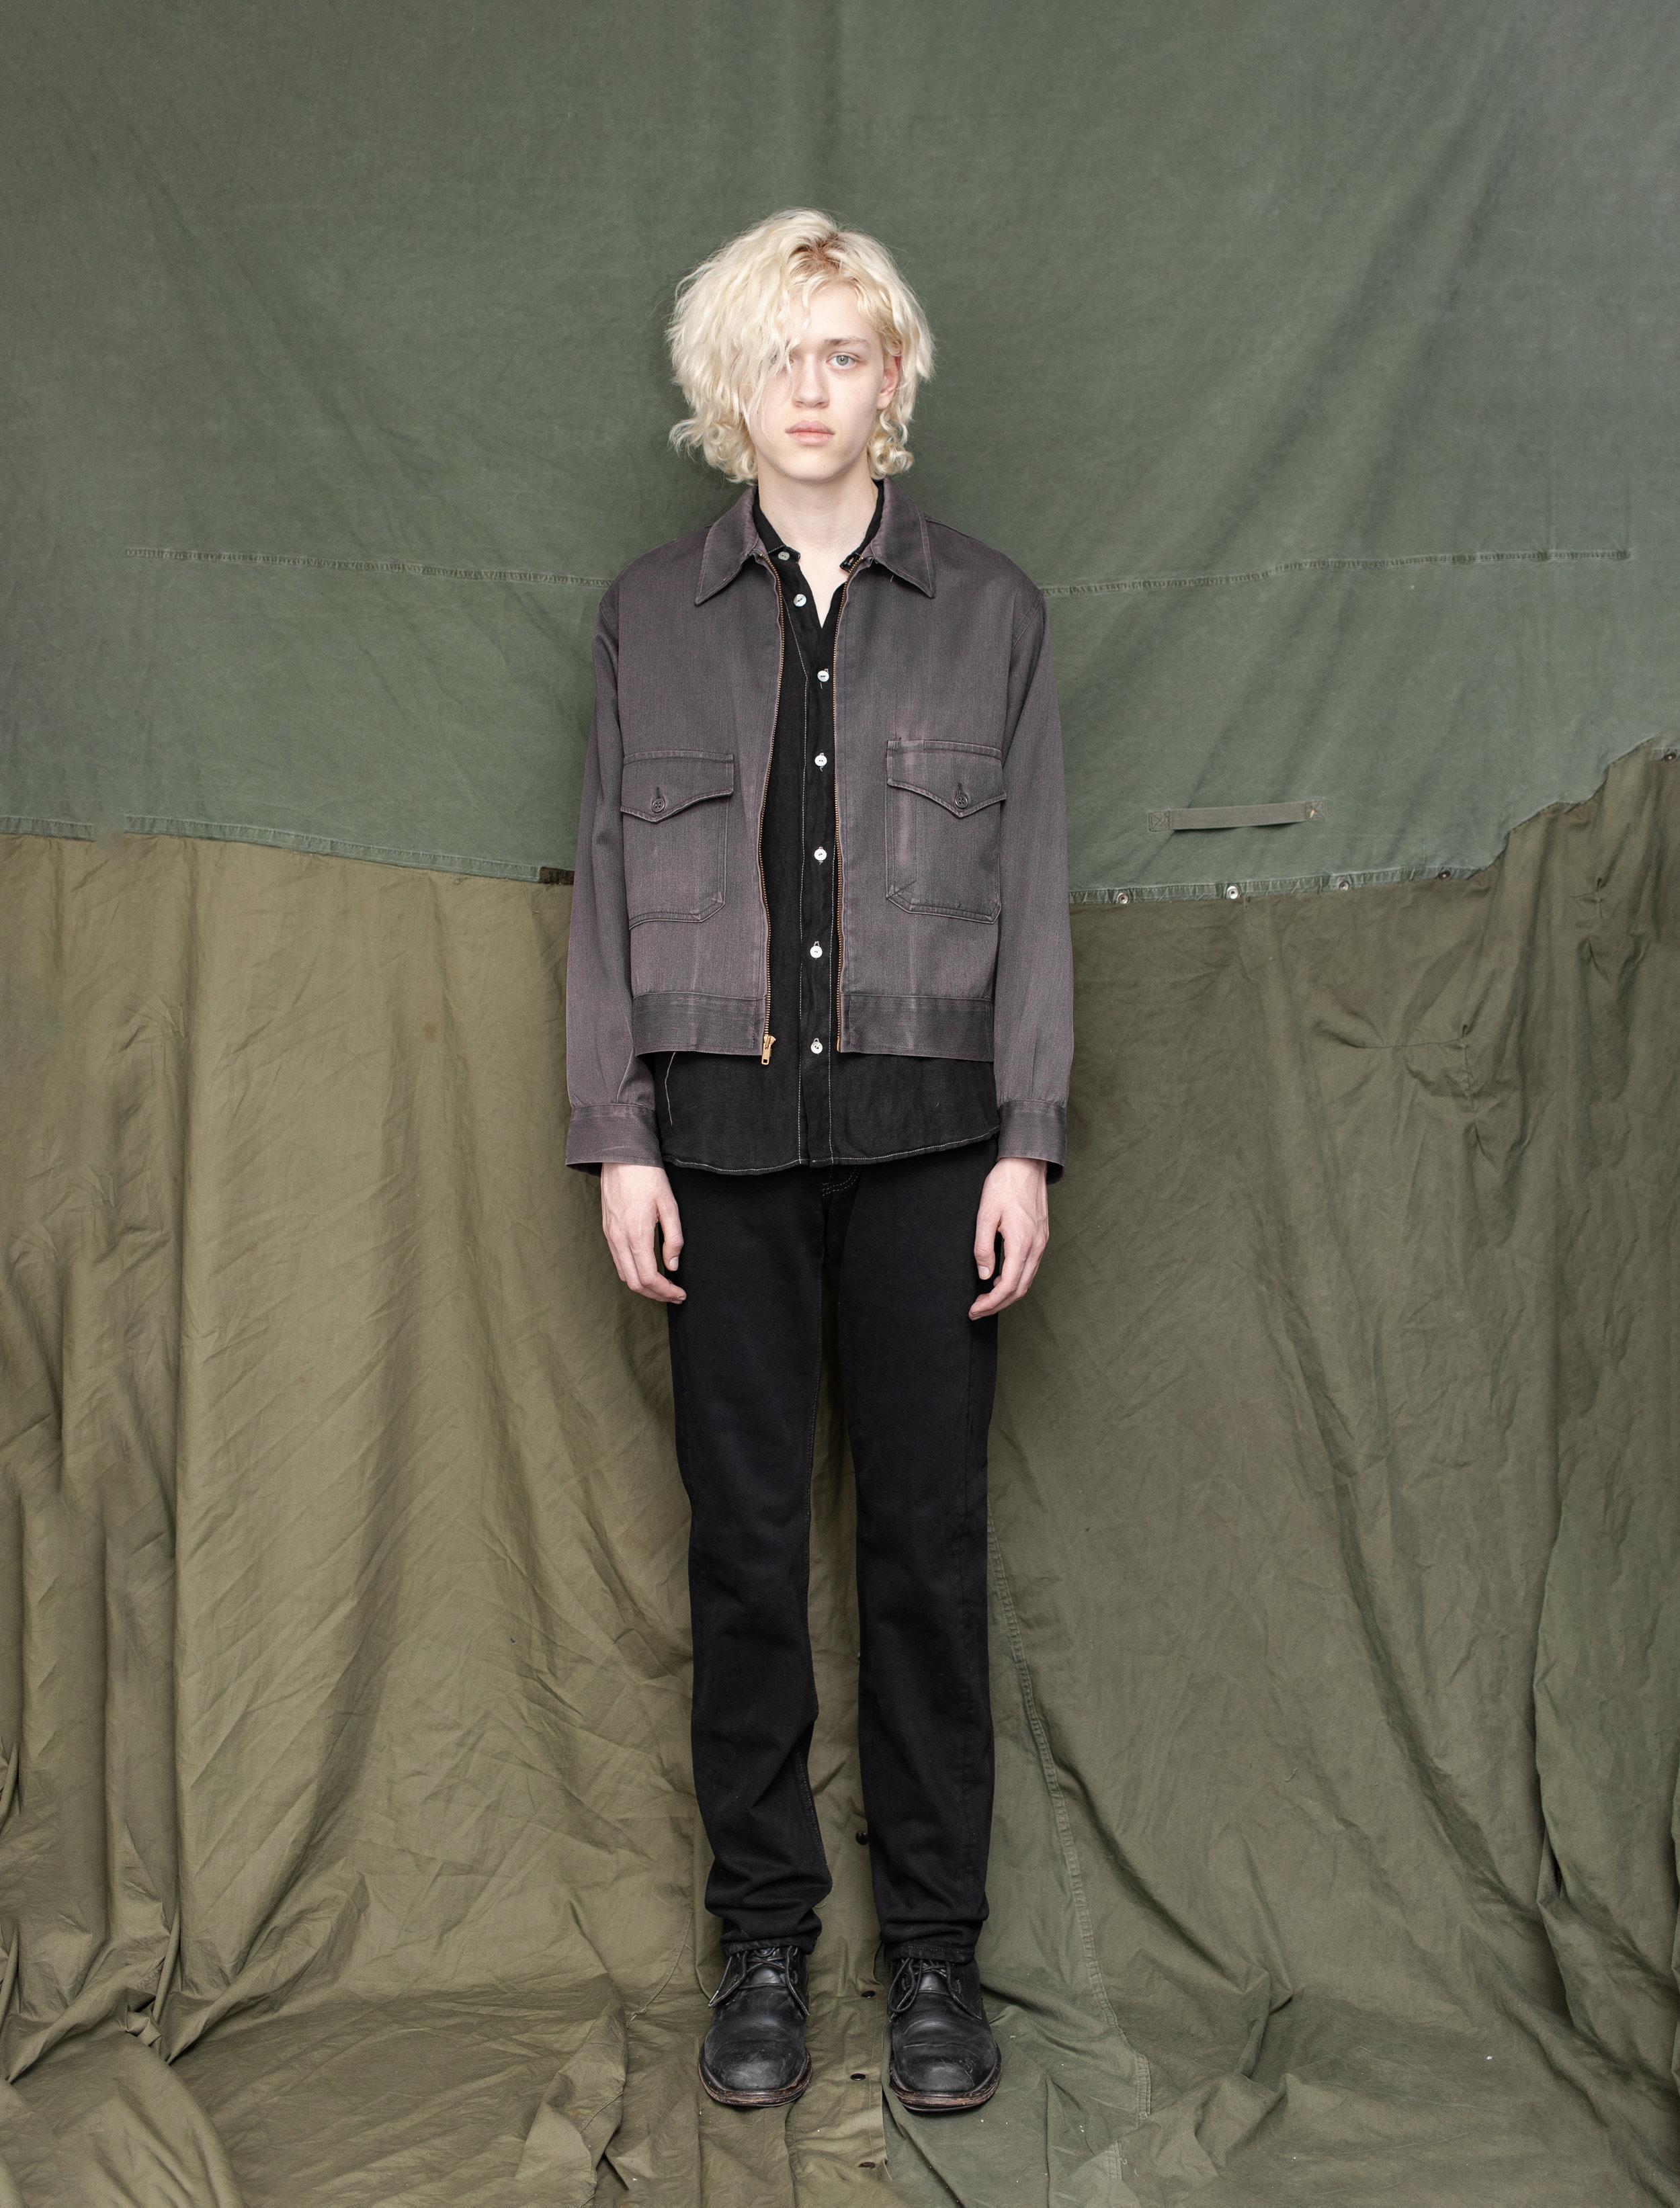 50's Gabardine Work Jacket 80's Italian Wrinkled Linen Shirt 80's Levi's 501 Jeans